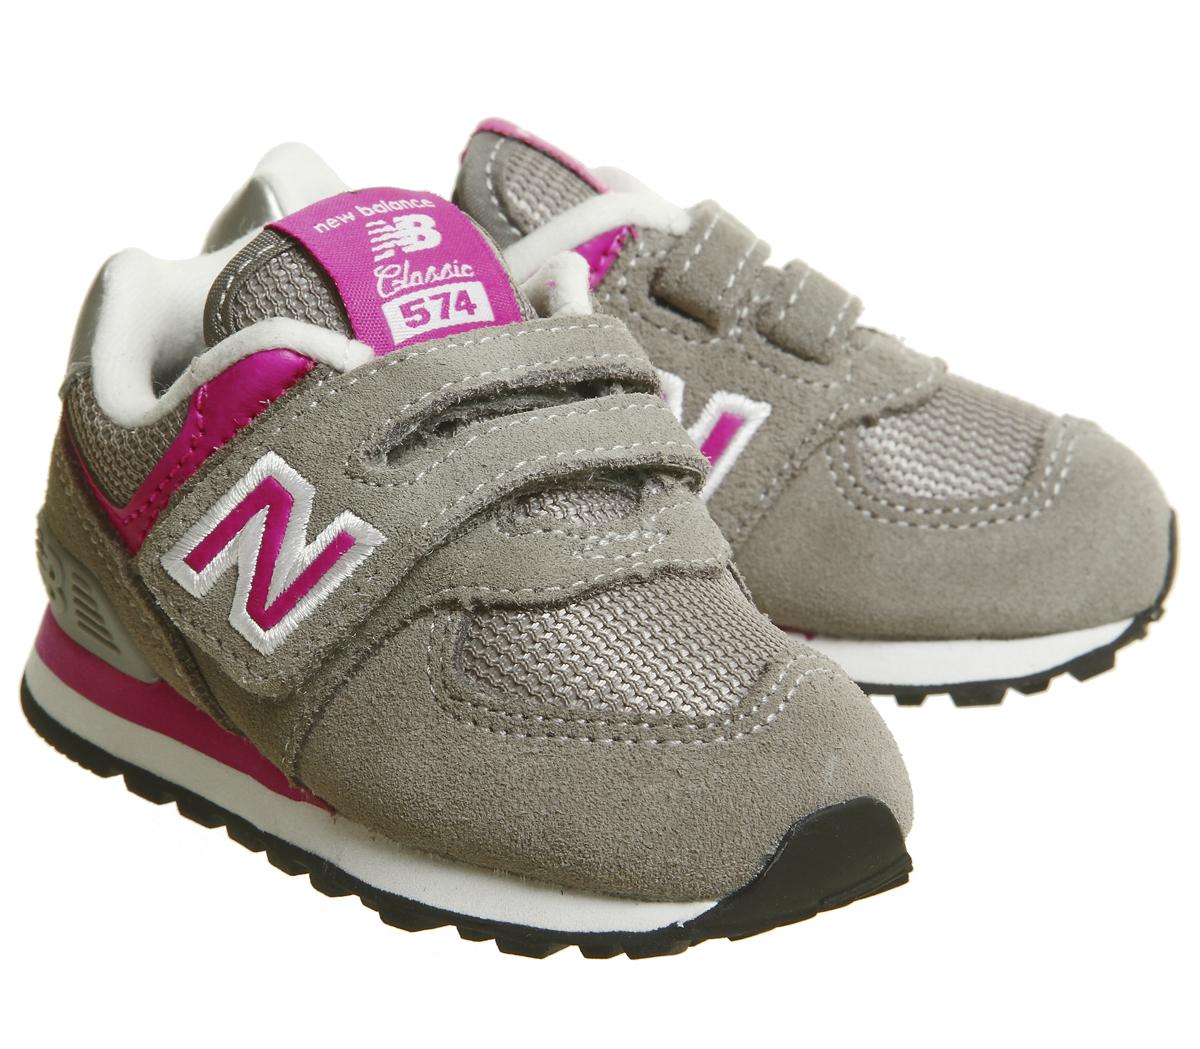 SENTINEL Bambini nuovi equilibrio 574 neonato grigio grigio rosa bambini 4645725369c